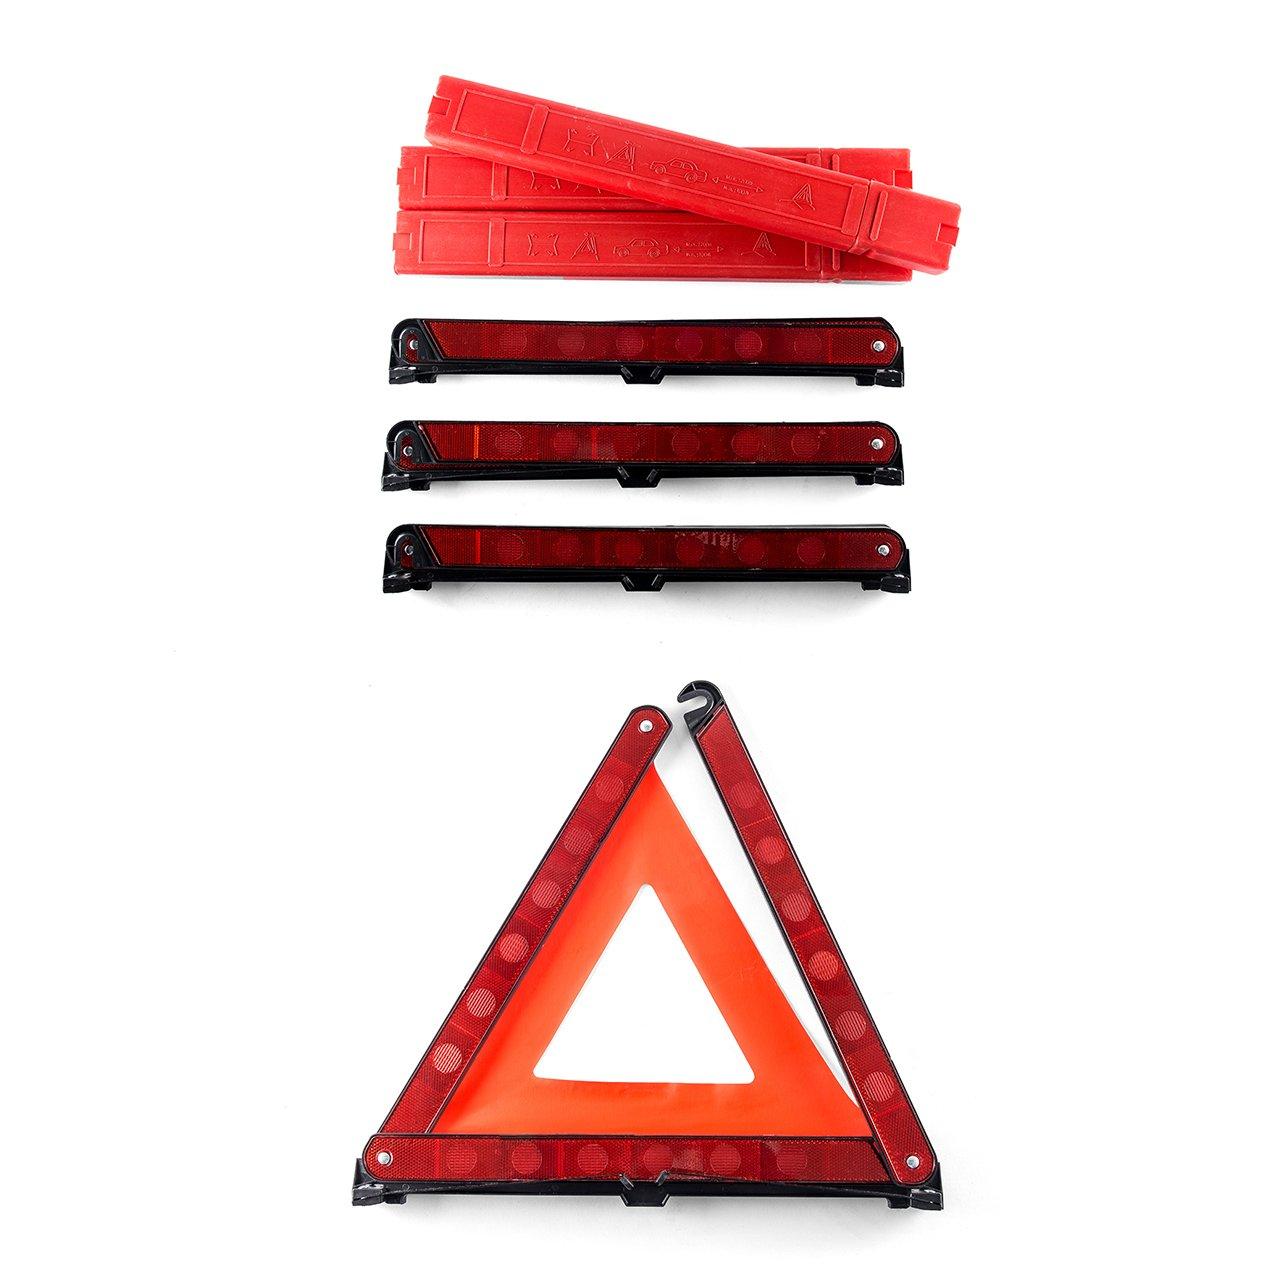 DEDC Lot de 3 Kits durgence Triangles de Signalisation Panneau dAvertissement pour Auto S/écurit/é Pliable R/éfl/échissant Universel Plastique